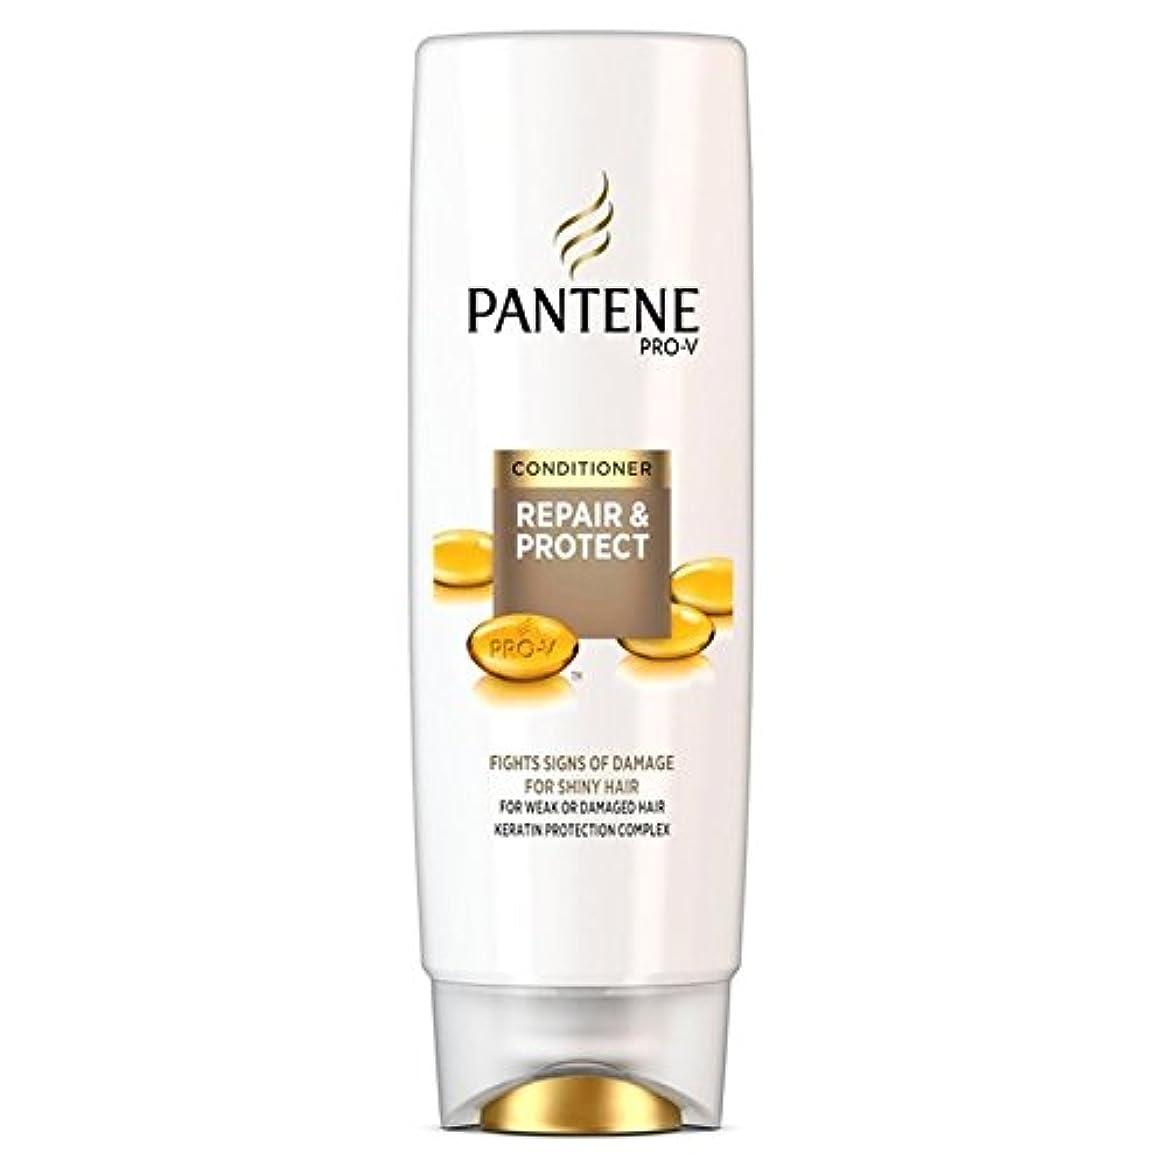 パプアニューギニア食べる領事館Pantene Conditioner Repair & Protect For Weak Or Damaged Hair 250ml (Pack of 6) - パンテーンコンディショナーの修理&弱いか、傷んだ髪の250...